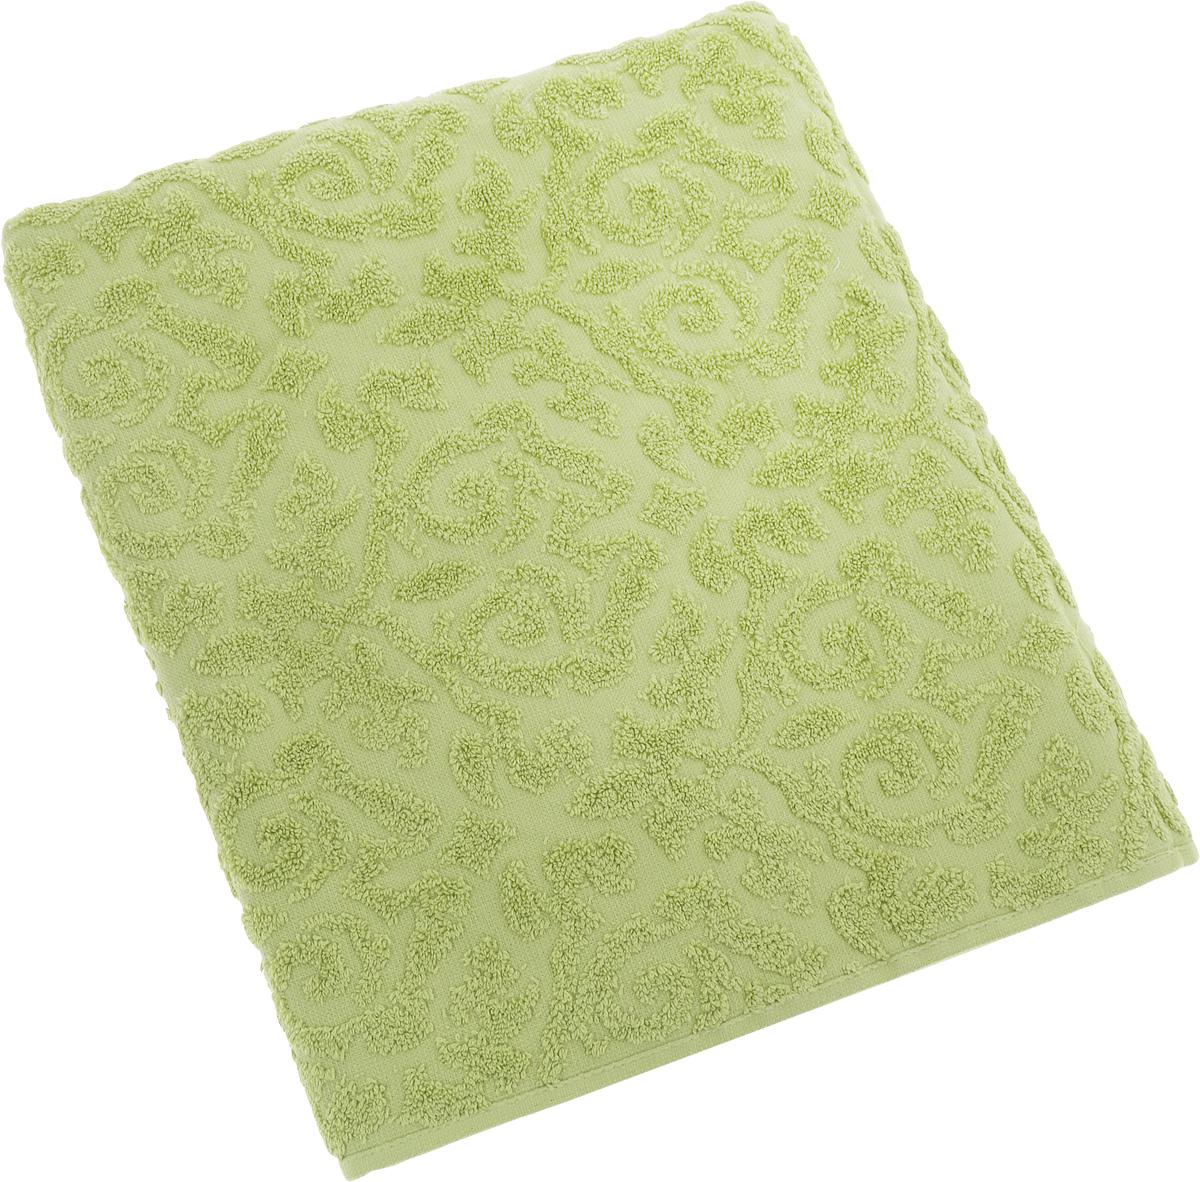 Полотенце Soavita Luxury. Квадро, цвет: зеленый, 70 х 140 см51638Полотенце Soavita Luxury. Квадро выполнено из 100% хлопка. Изделие отлично впитывает влагу, быстро сохнет, сохраняет яркость цвета и не теряет форму даже после многократных стирок. Полотенце очень практично и неприхотливо в уходе. Оно создаст прекрасное настроение и украсит интерьер в ванной комнате.